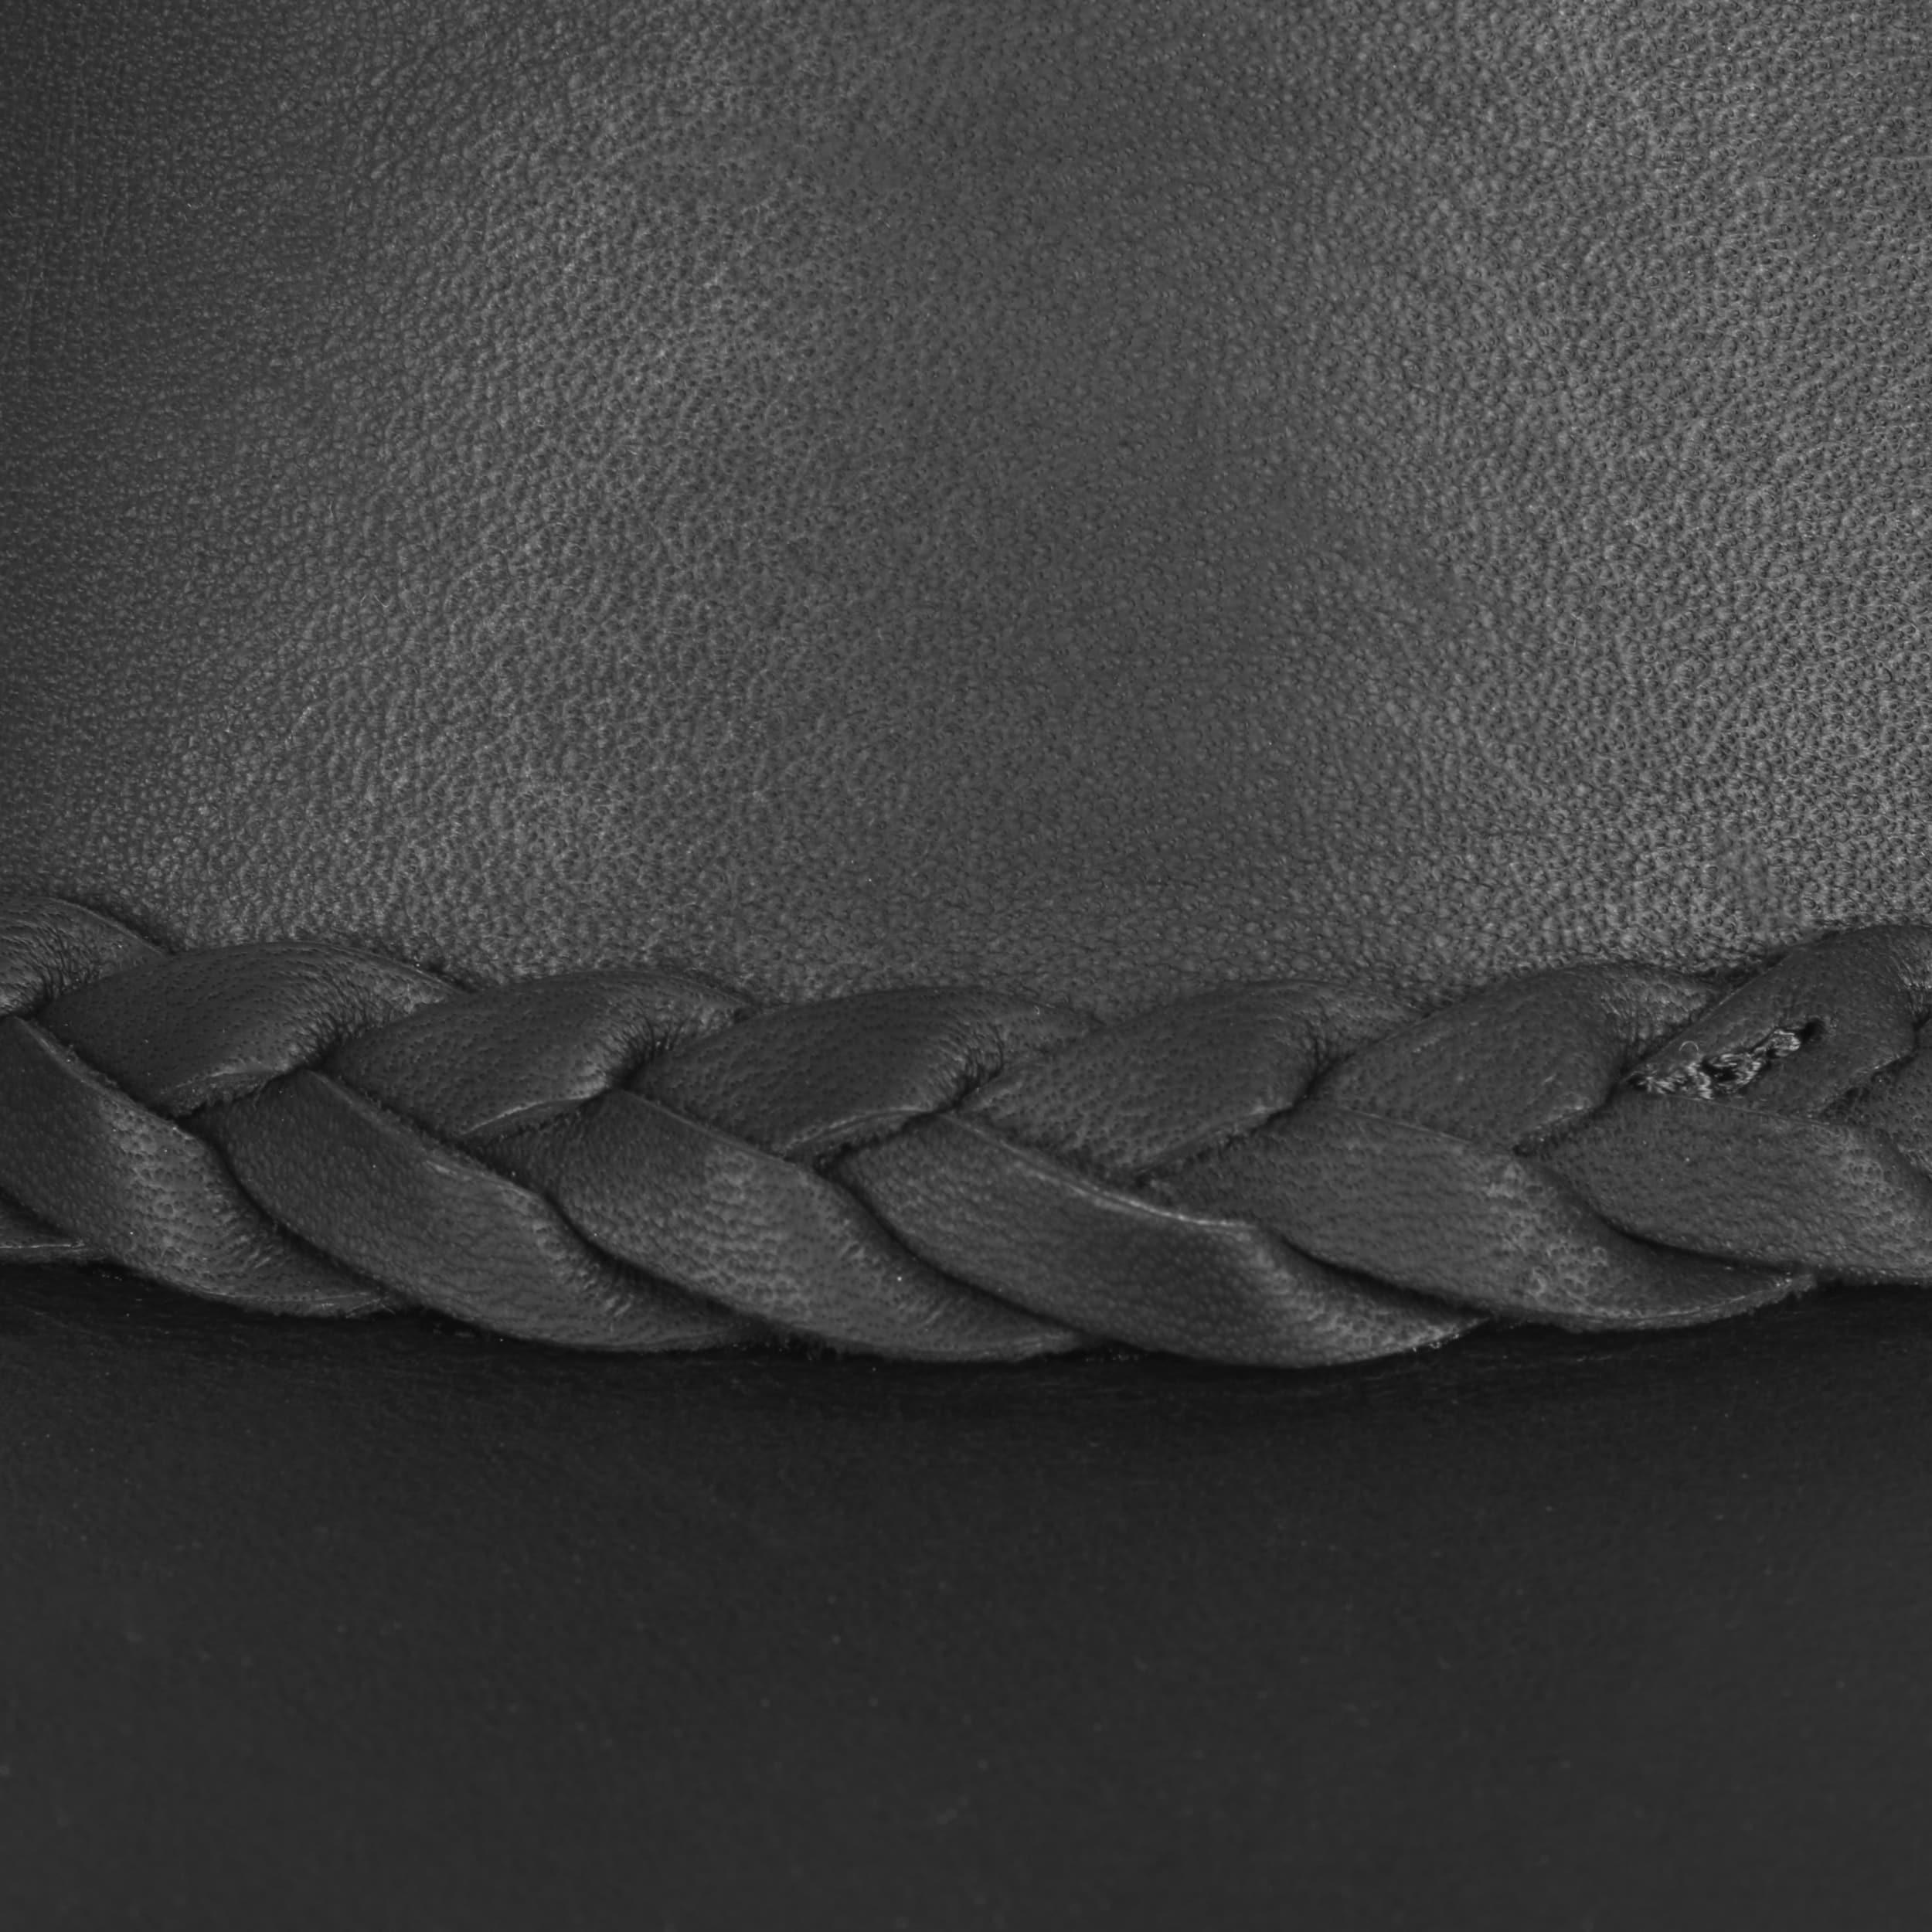 Sombrero Piel Squashy Outback by BARMAH - Sombreros - sombreroshop.es c193e1c896d